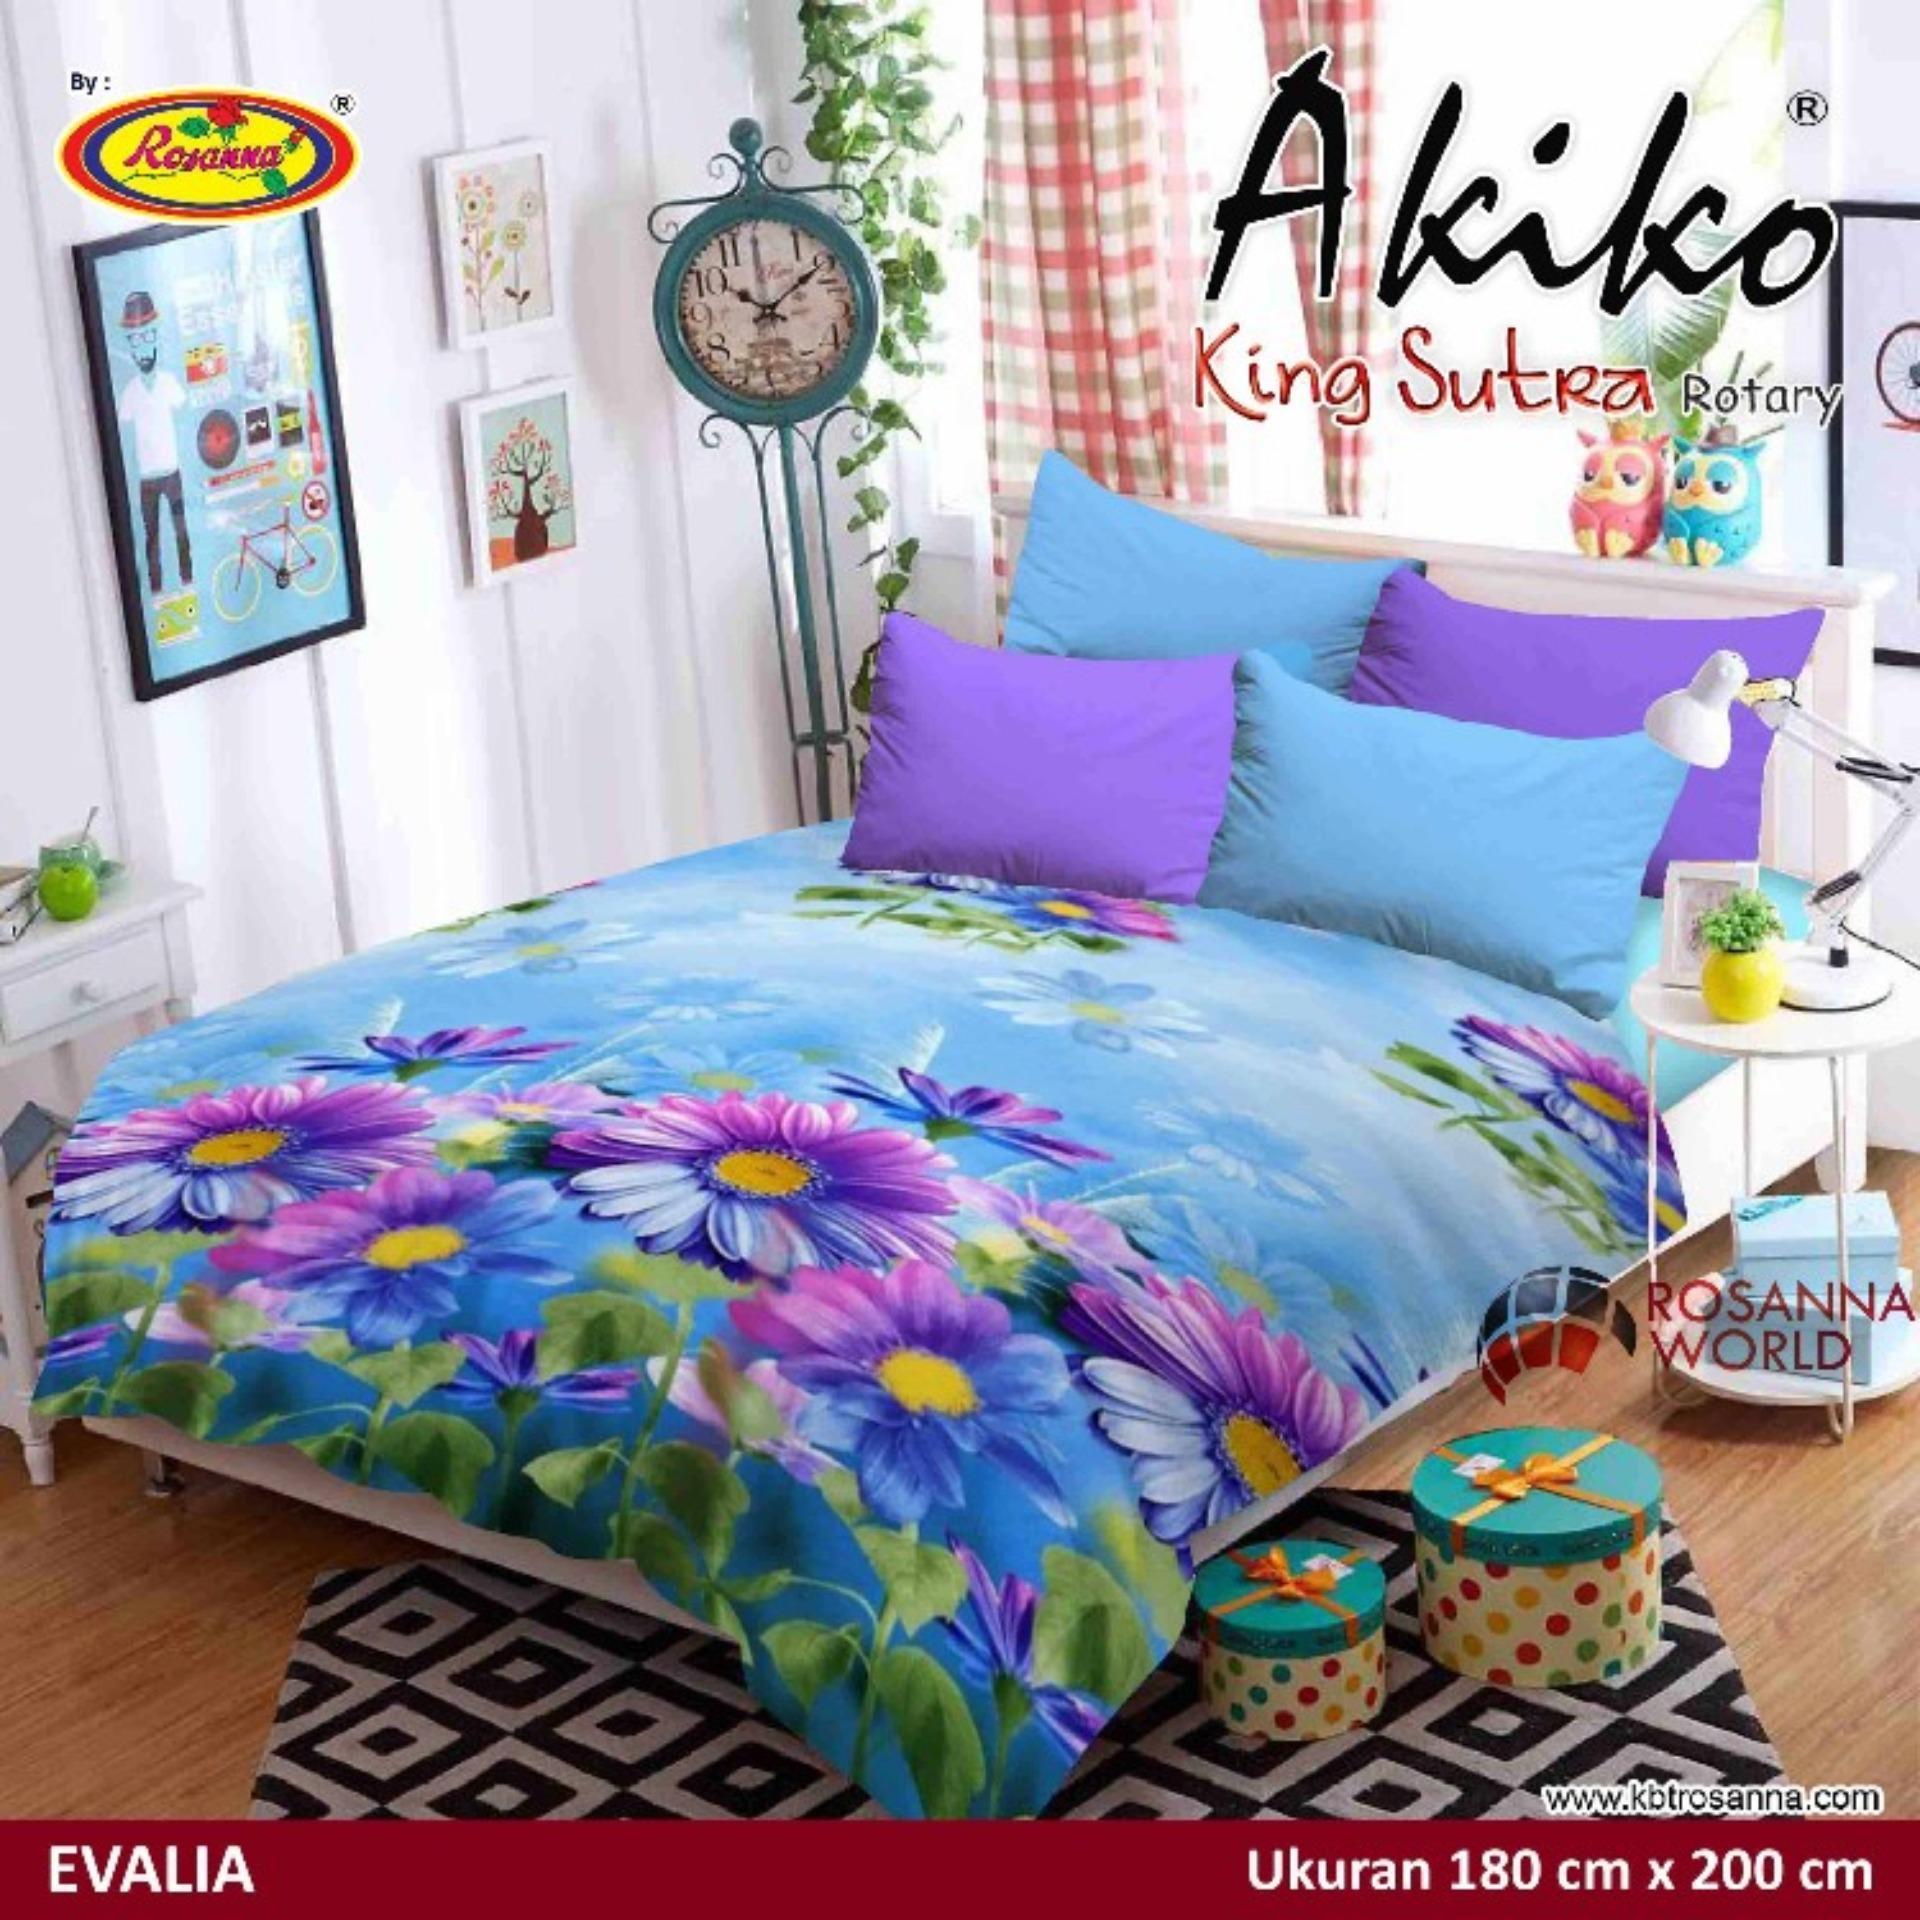 Selimut Akiko King Sutra Rotary 180x200 Evalia